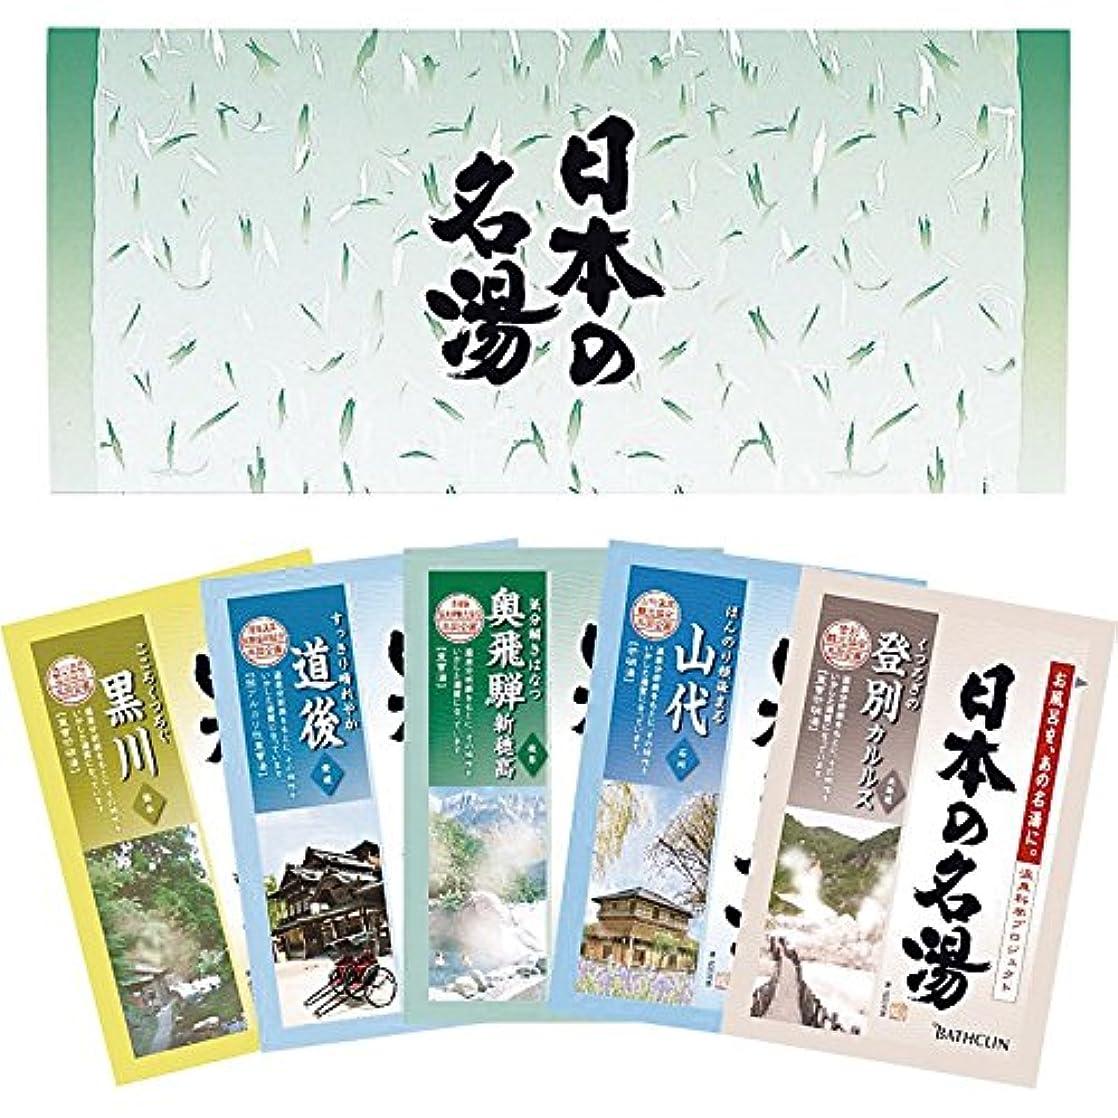 すべて振動させる柔らかさバスクリン 日本の名湯 5包セット OT-3D 【洗面所 入浴剤 温泉 薬用 5袋 リラックス おふろ バスグッズ】